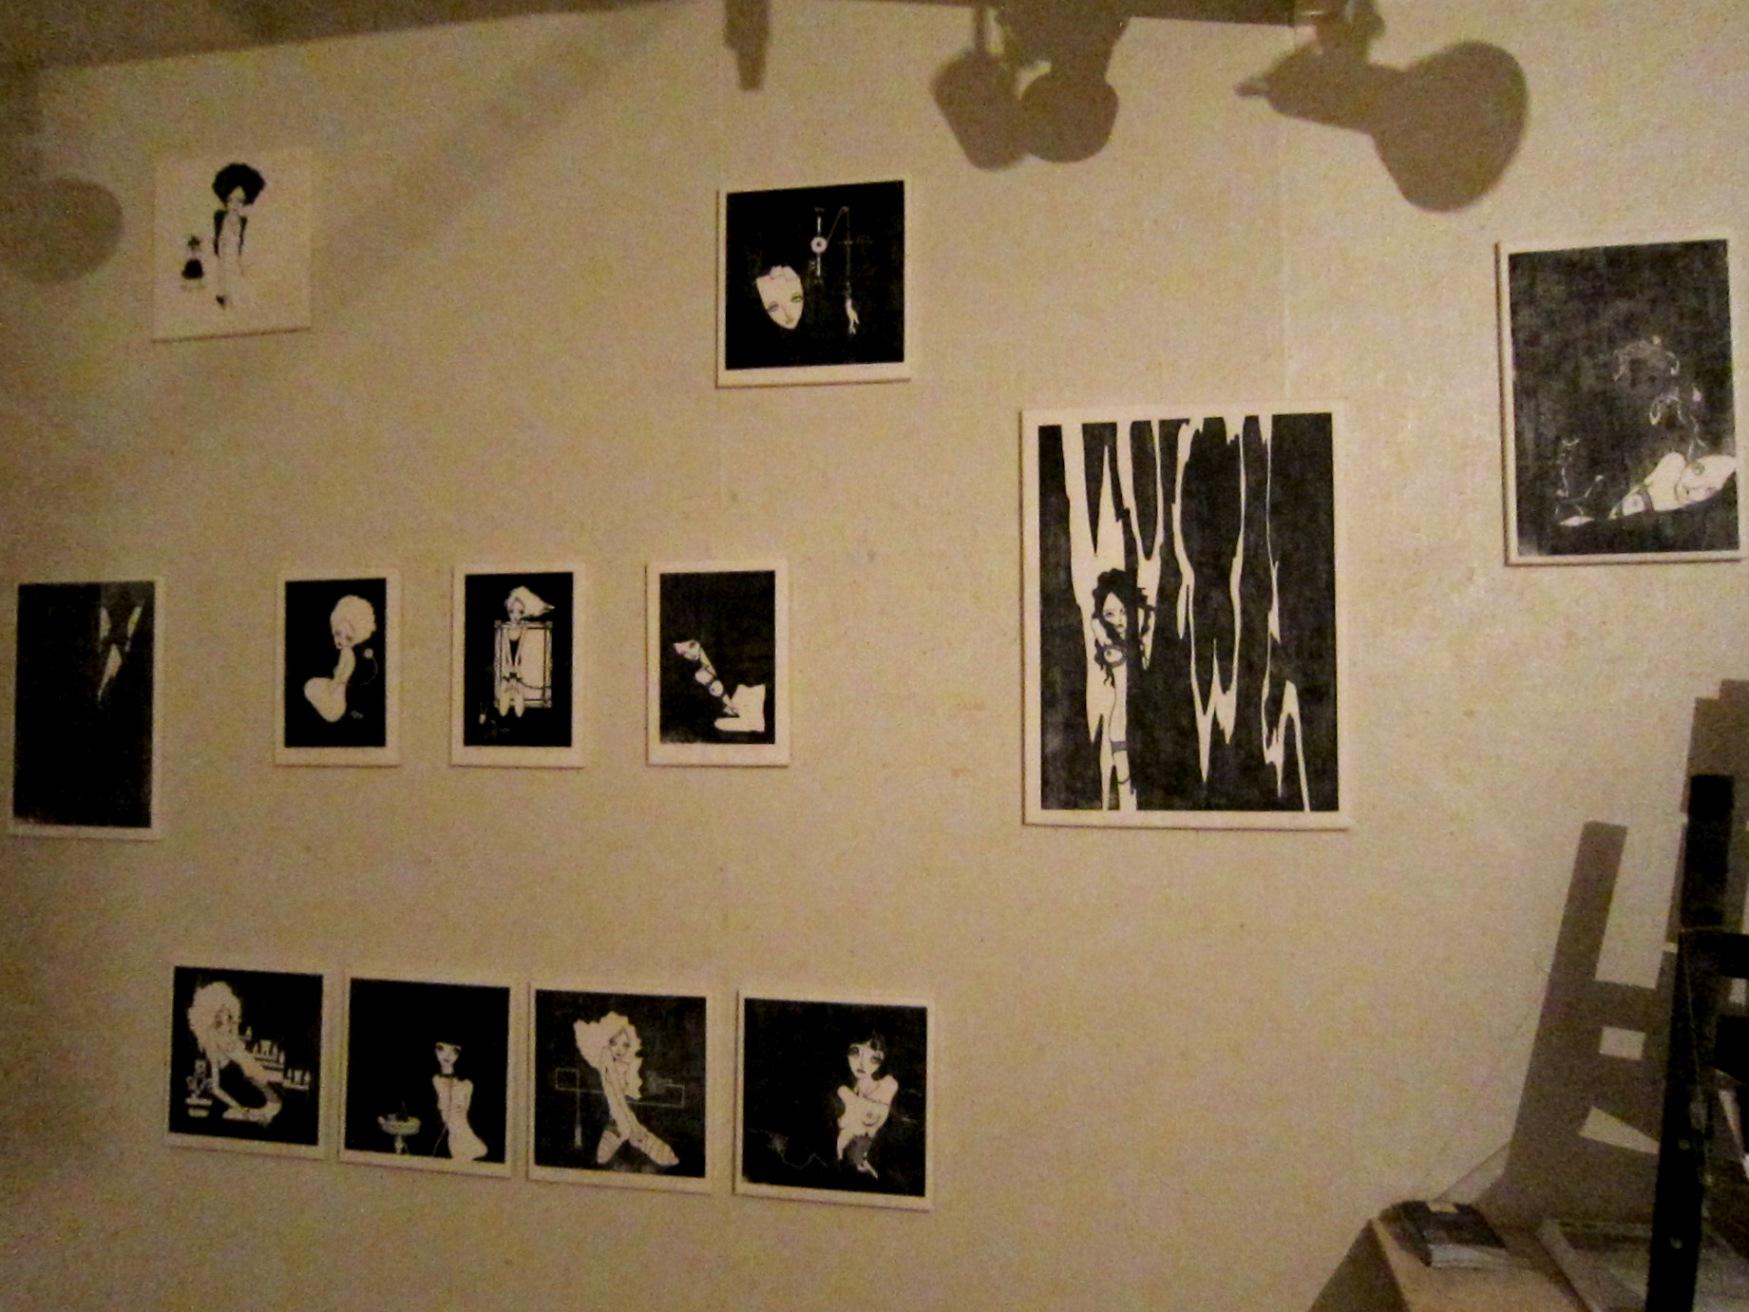 2211) 「札幌地下之会 展」 たぴお 9月16日(月)~9月21日(土)_f0126829_2155352.jpg